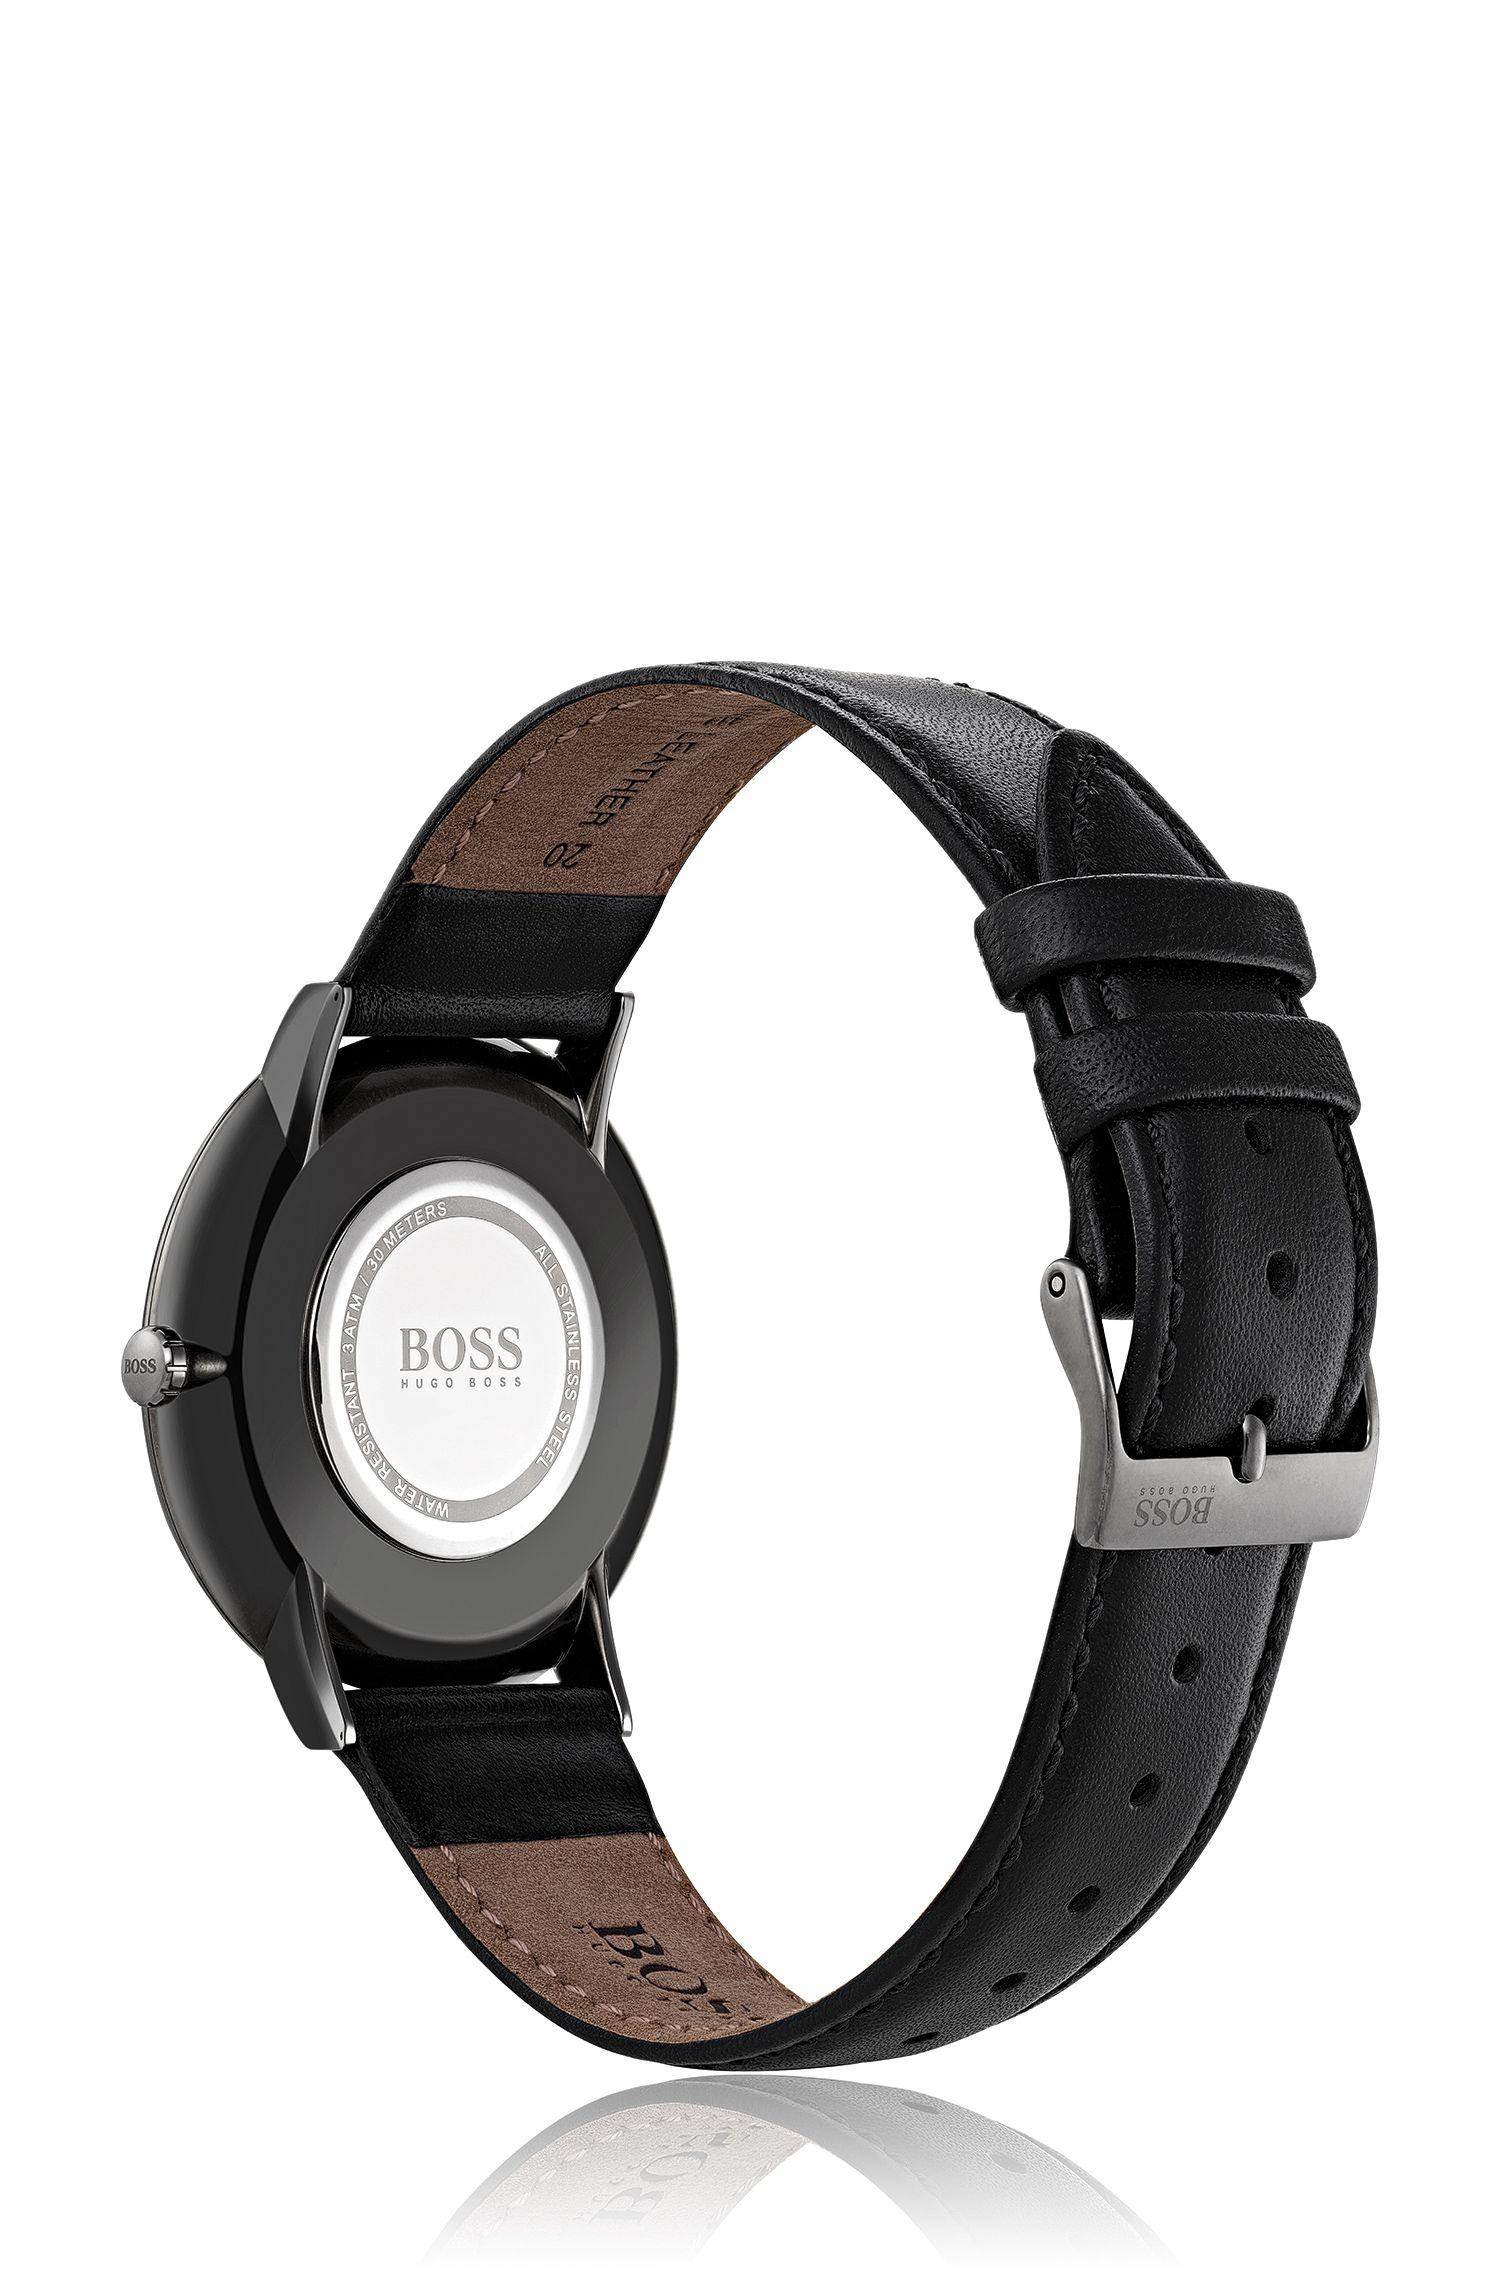 Horloge met grijze coating, minimalistische wijzerplaat en polsband van leer